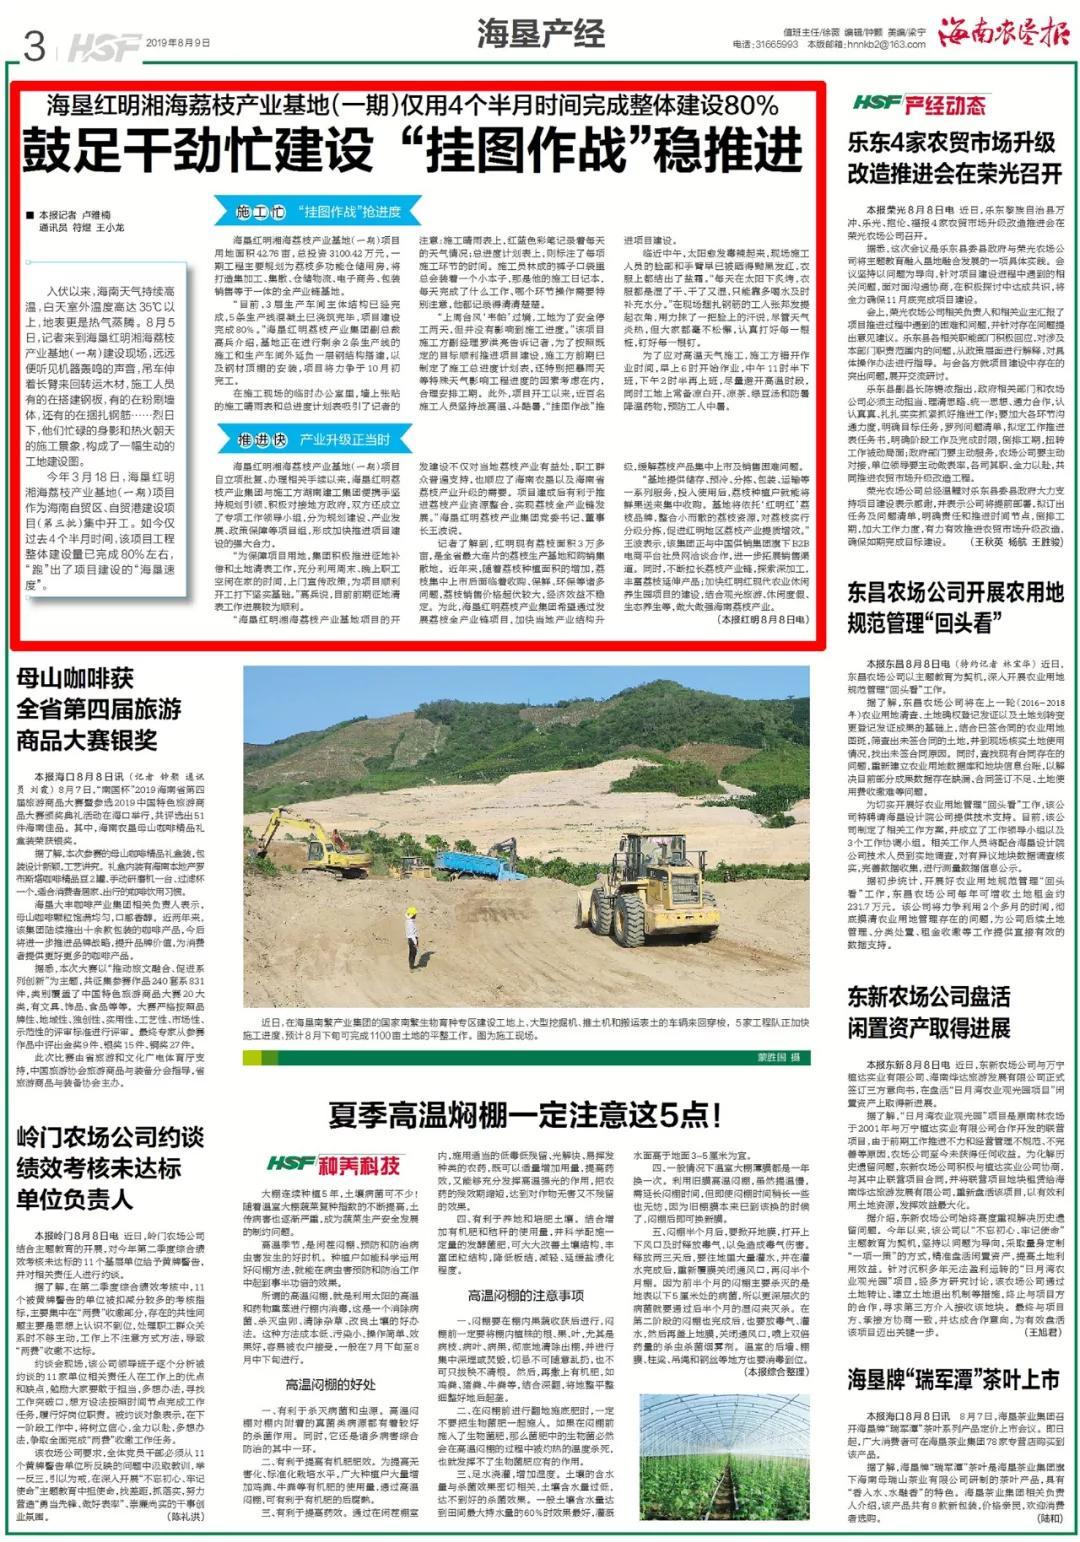 鼓足干劲!海垦红明湘海荔枝产业基地(一期)完成整体建设80%